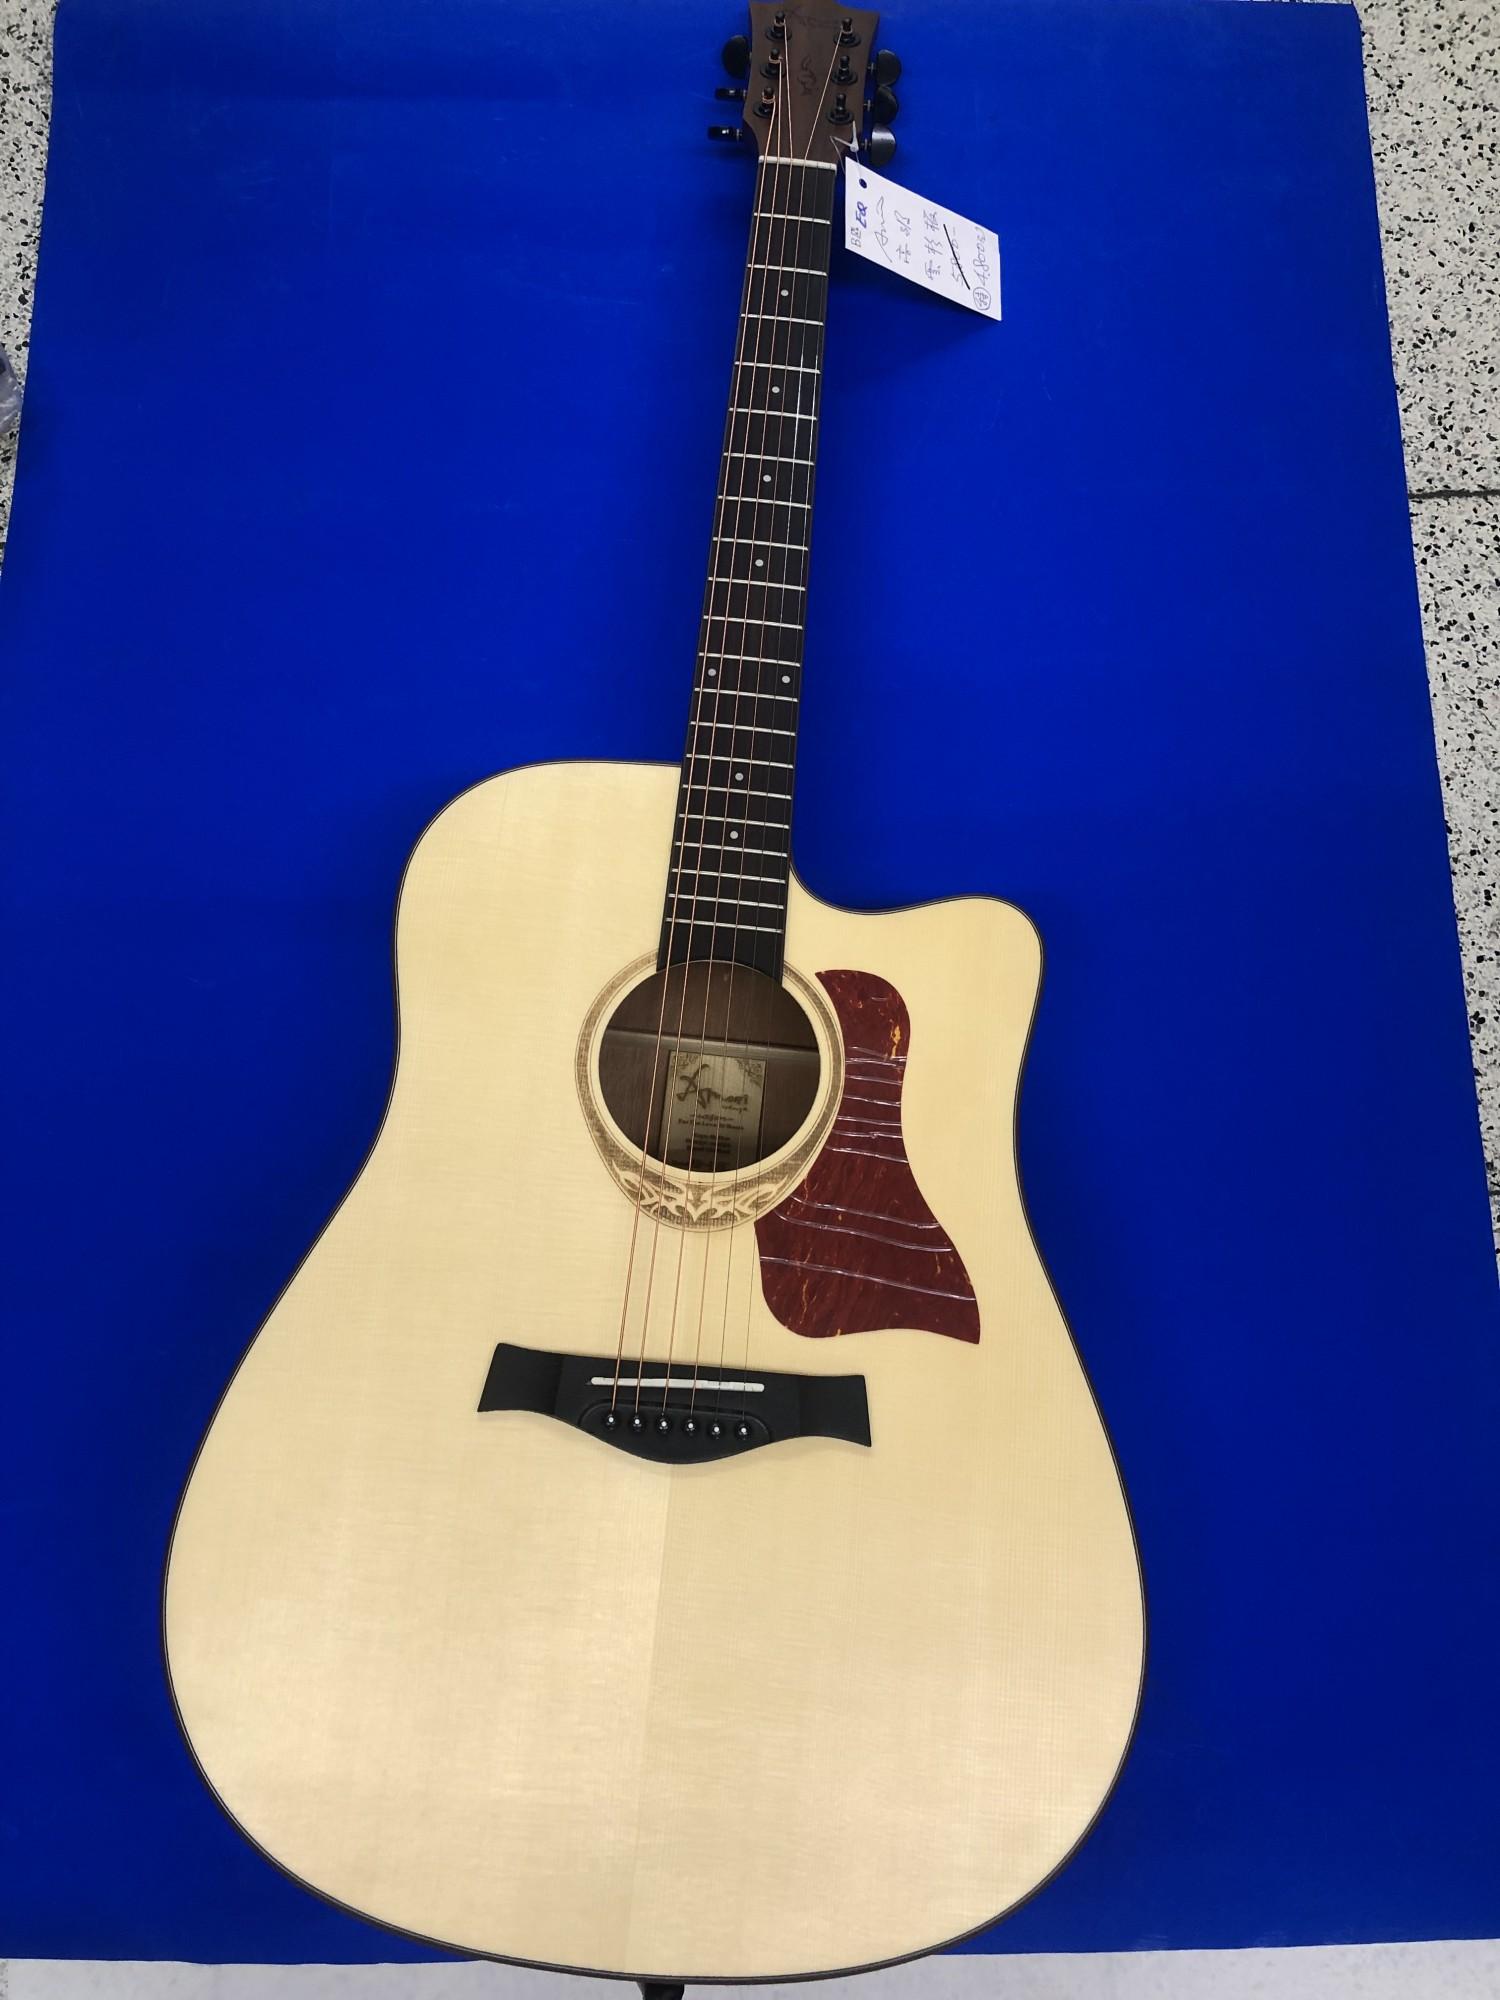 吉他  41吋 特價中  免運  感謝告大媒體爭鋒採訪報導海洋樂器